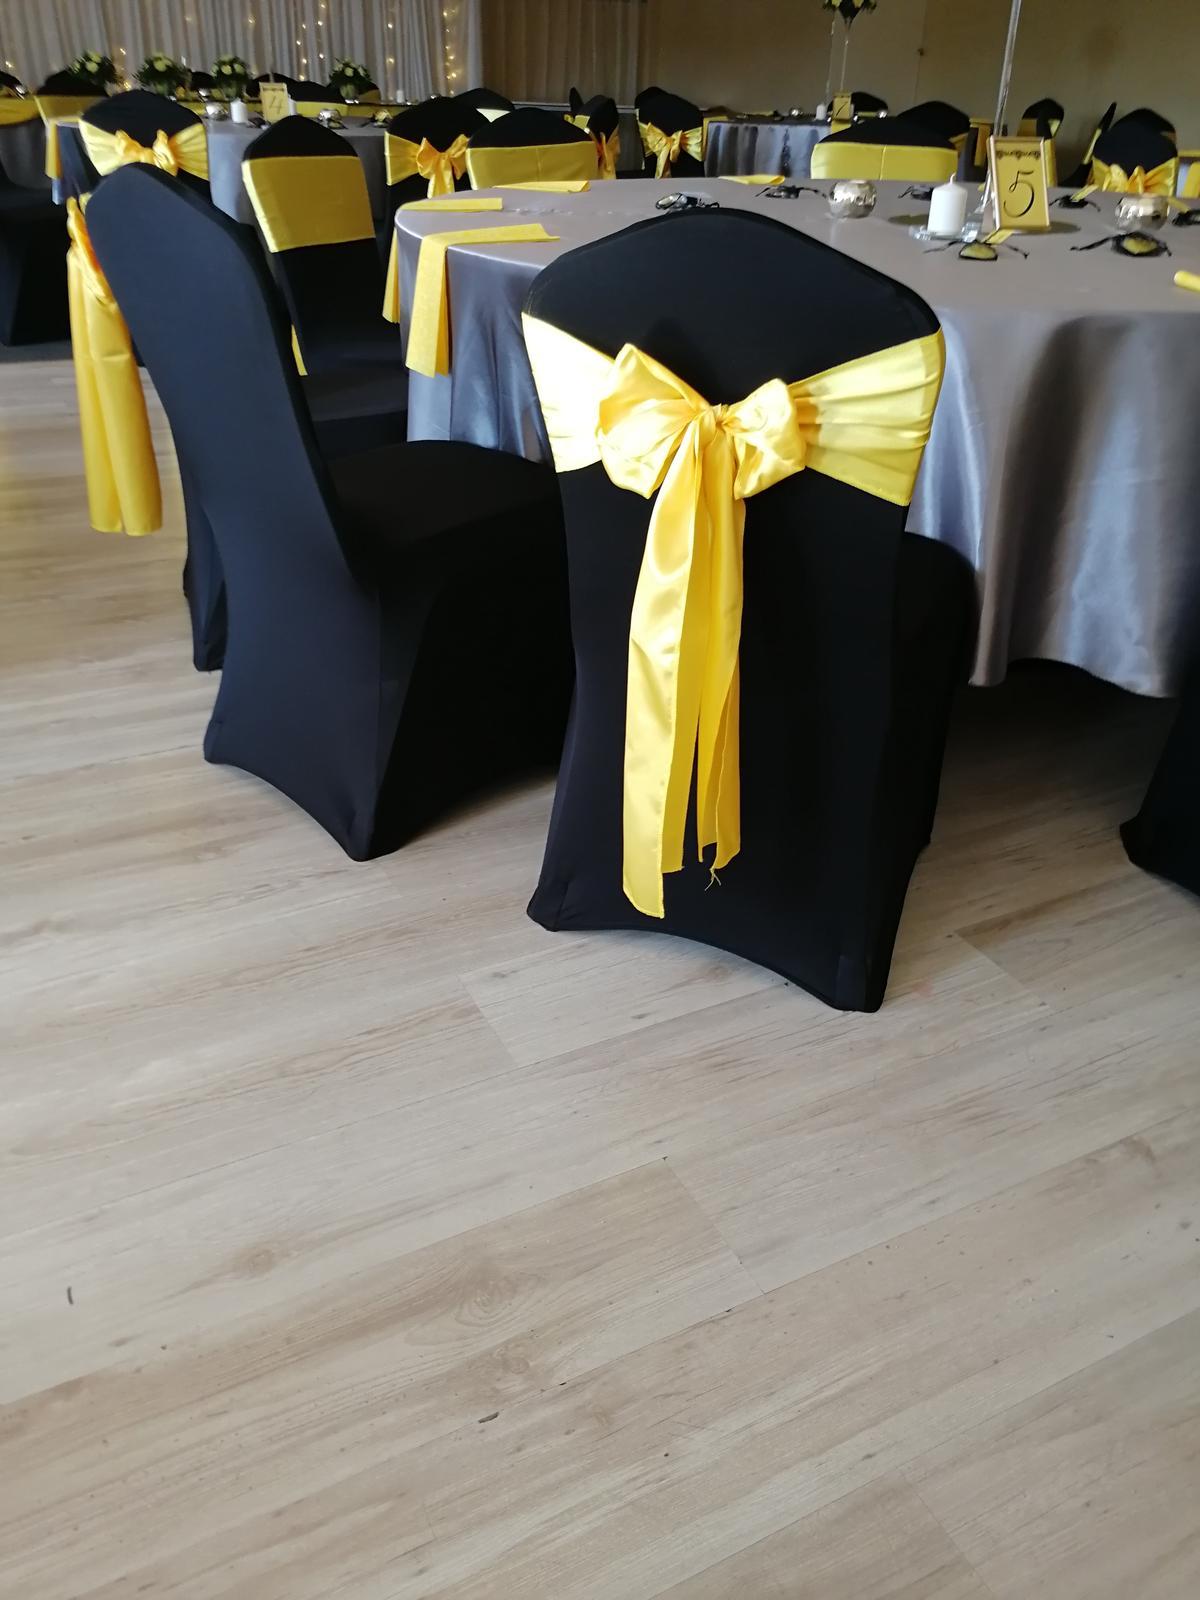 Svadba 14.9.2018 čierno-žlto-sivá kombinácia - Obrázok č. 22